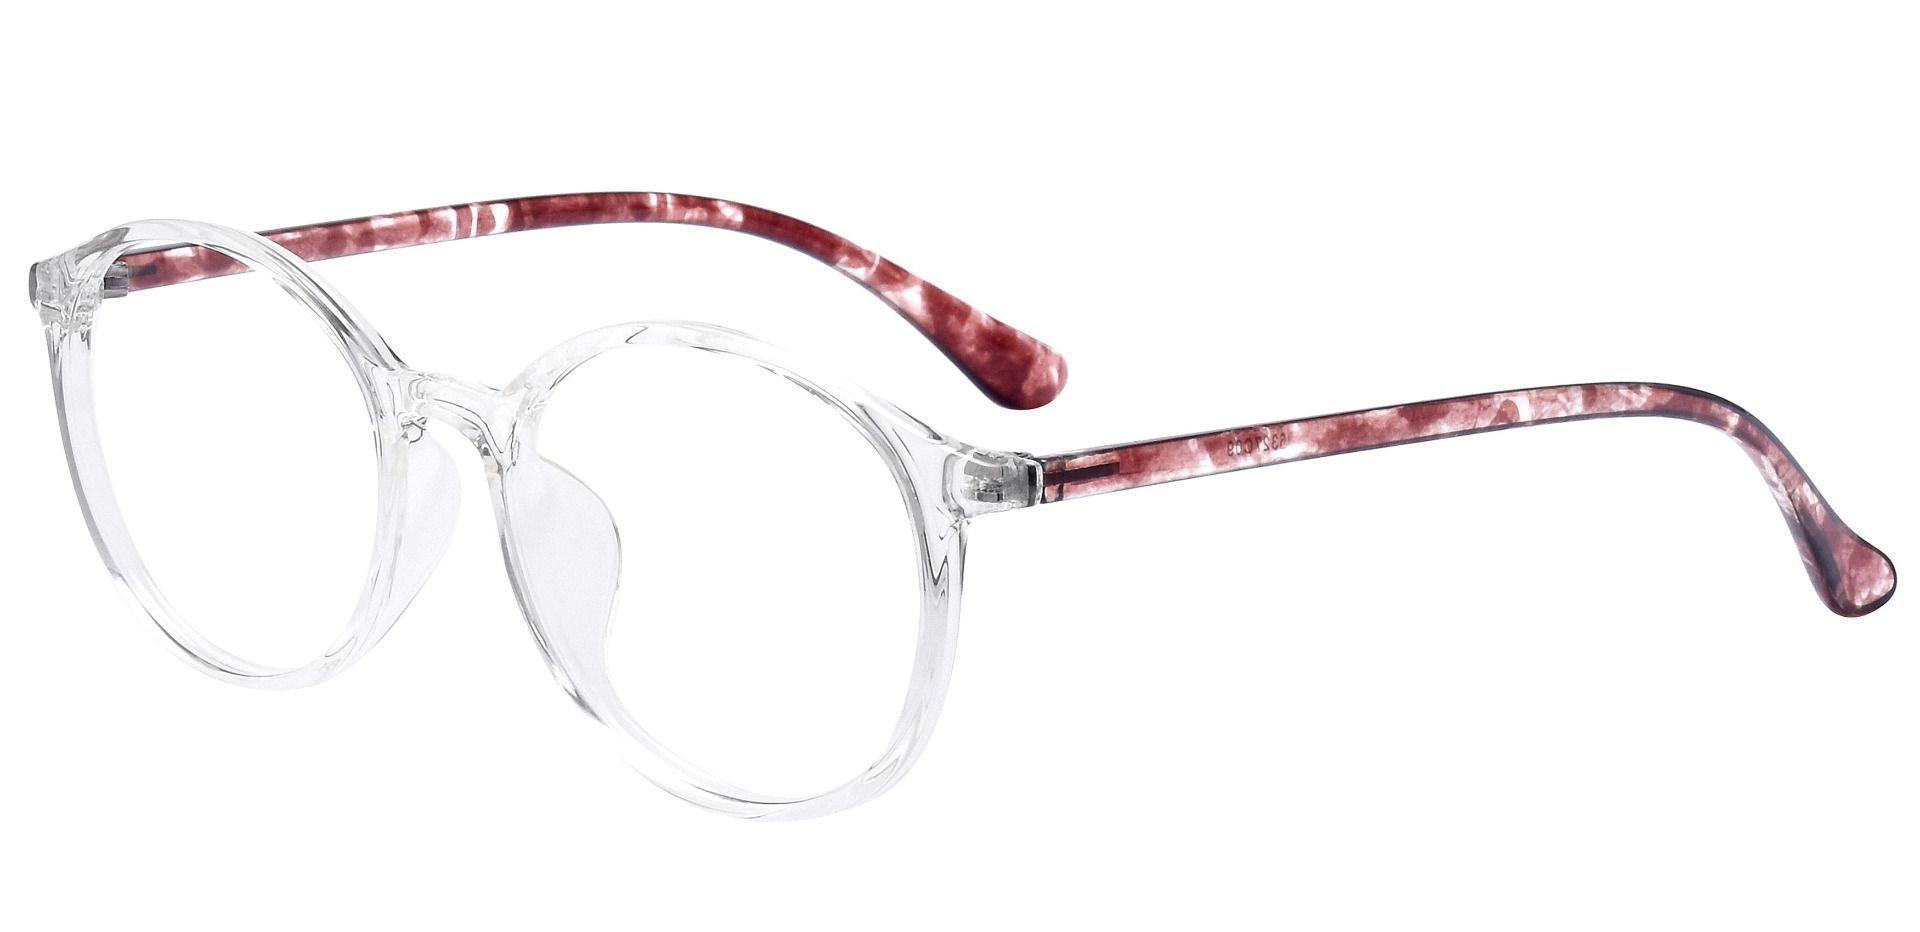 Zemi Round Prescription Glasses - Clear